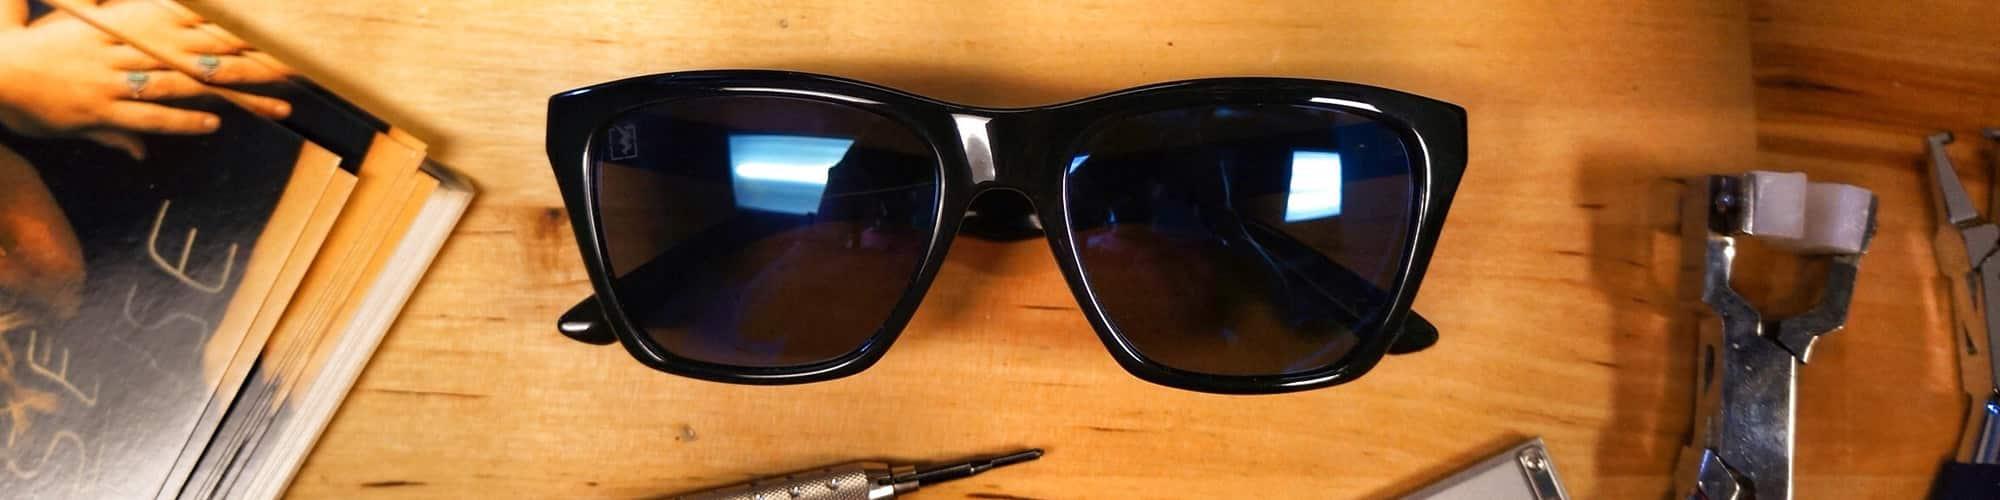 achat lunettes de soleil chine